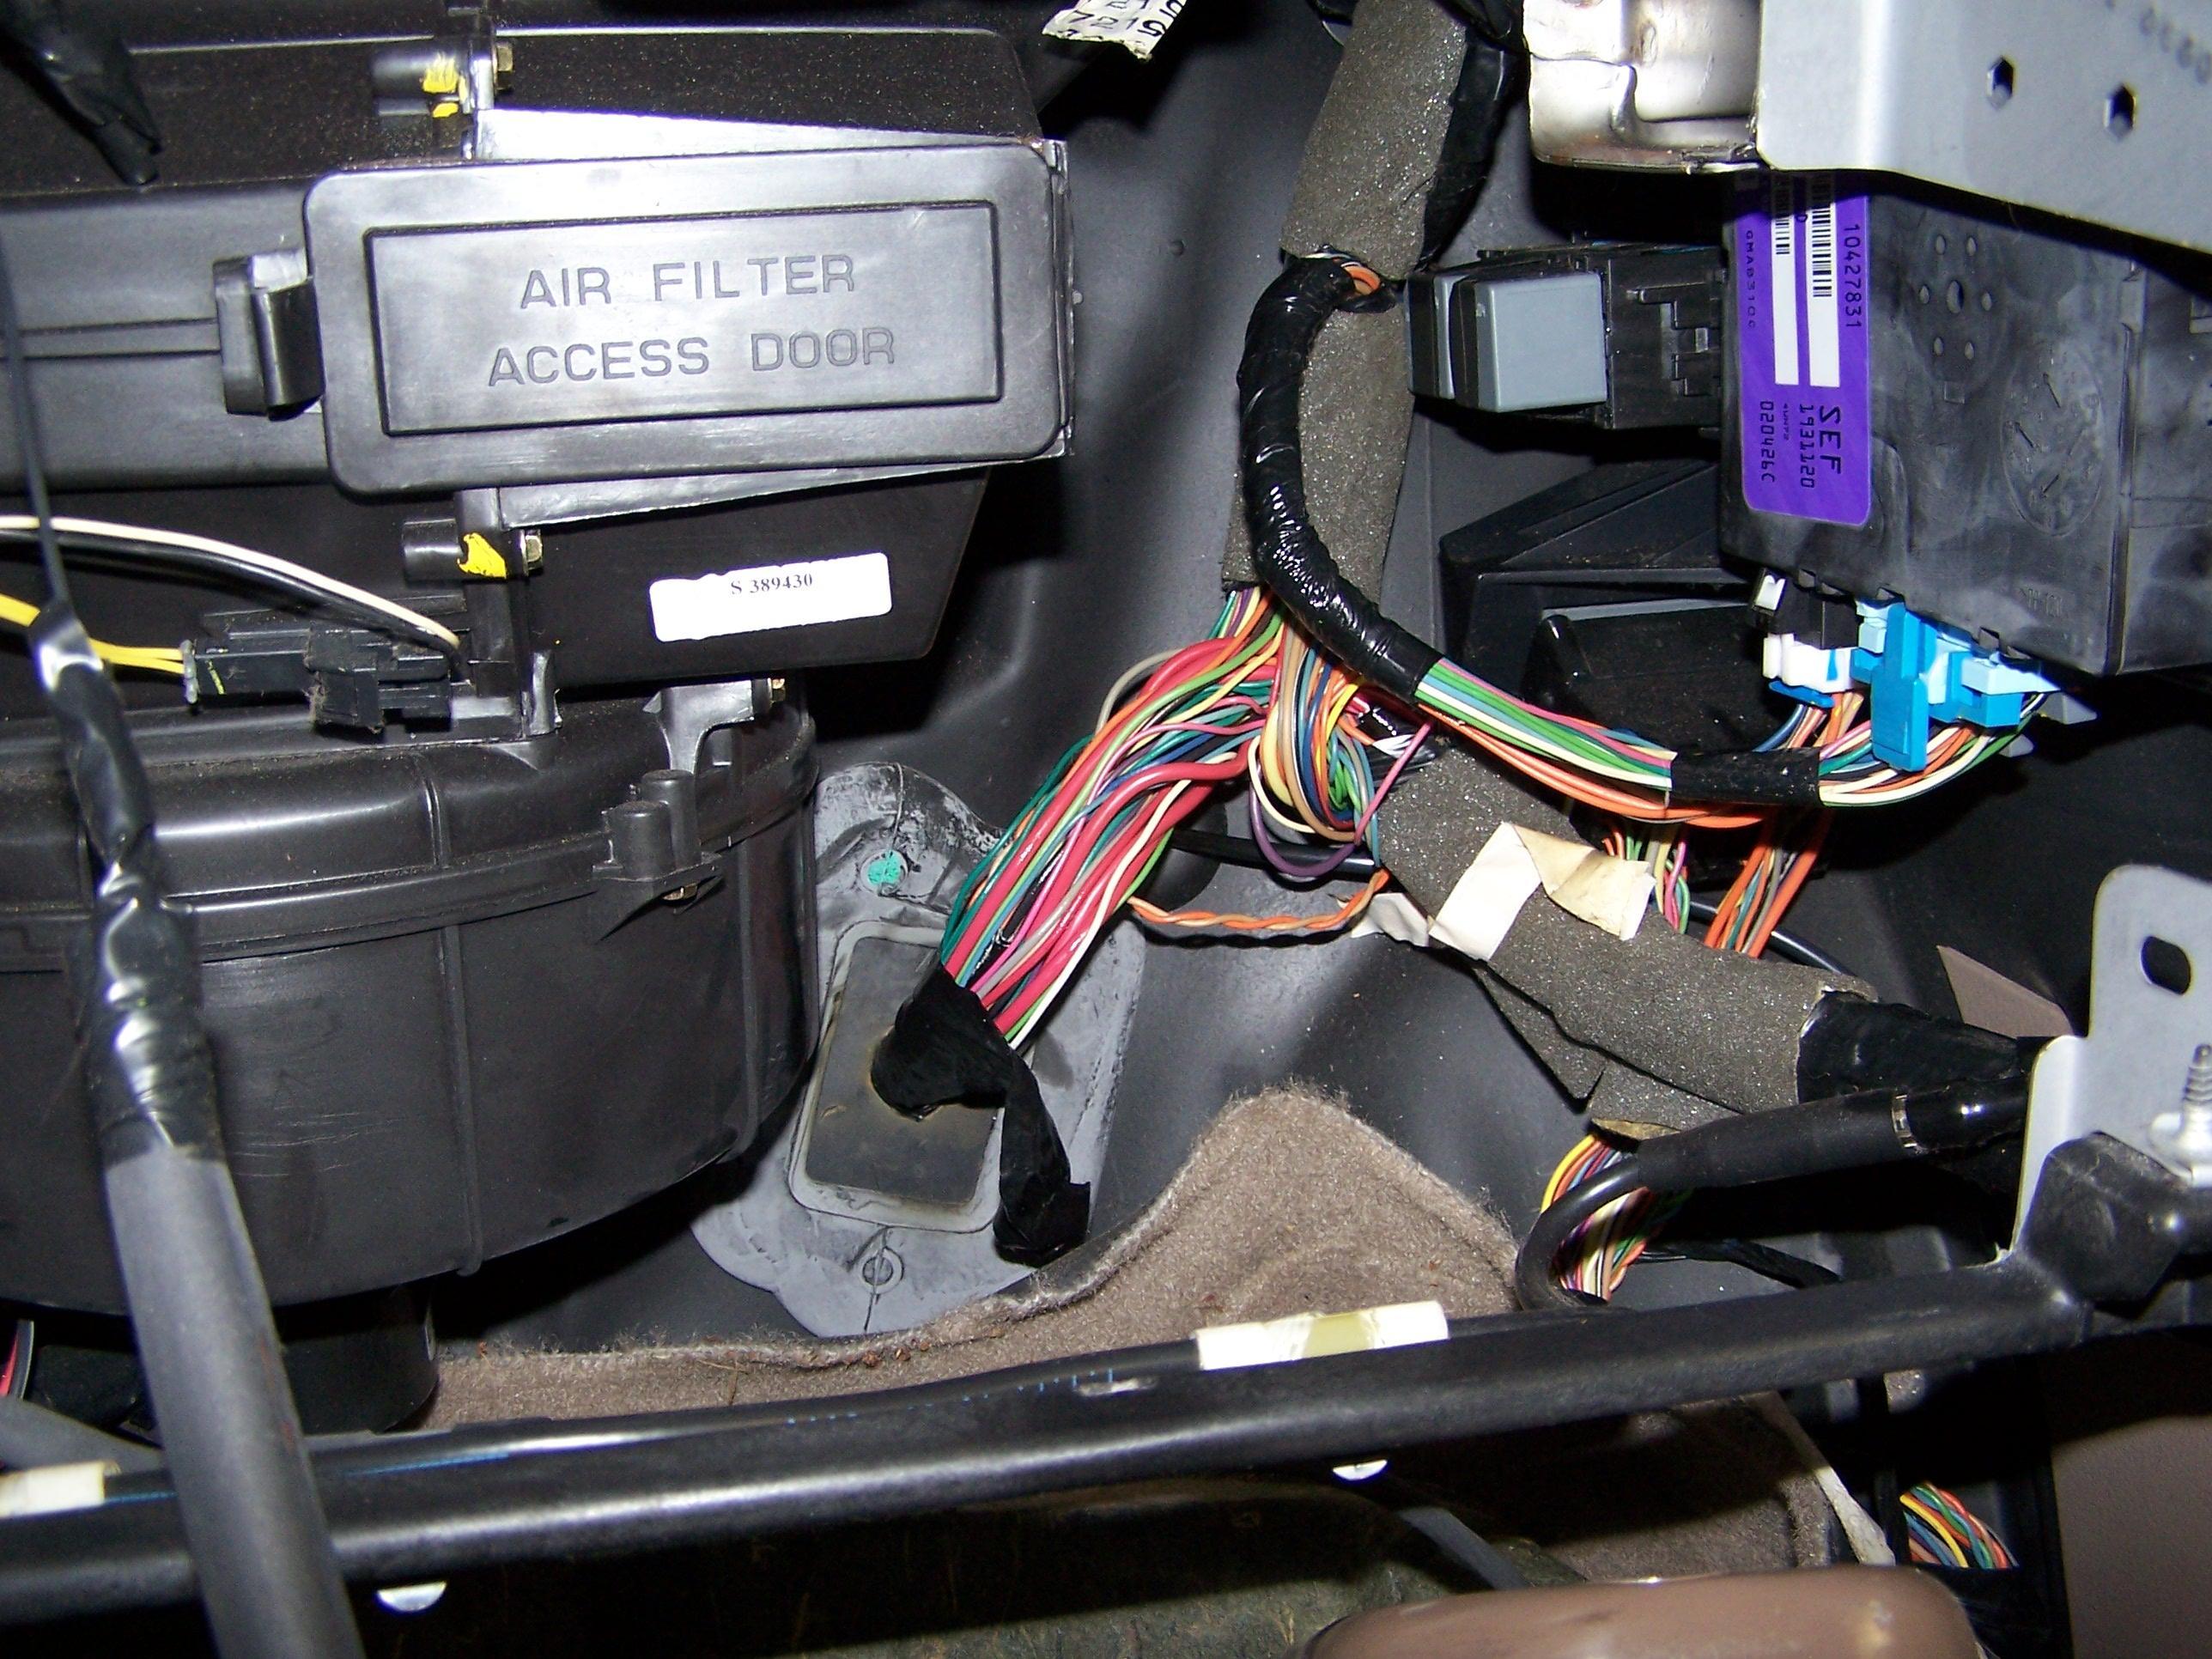 2001 Chevy Silverado Starter Relay Wiring Diagram Photos For Help